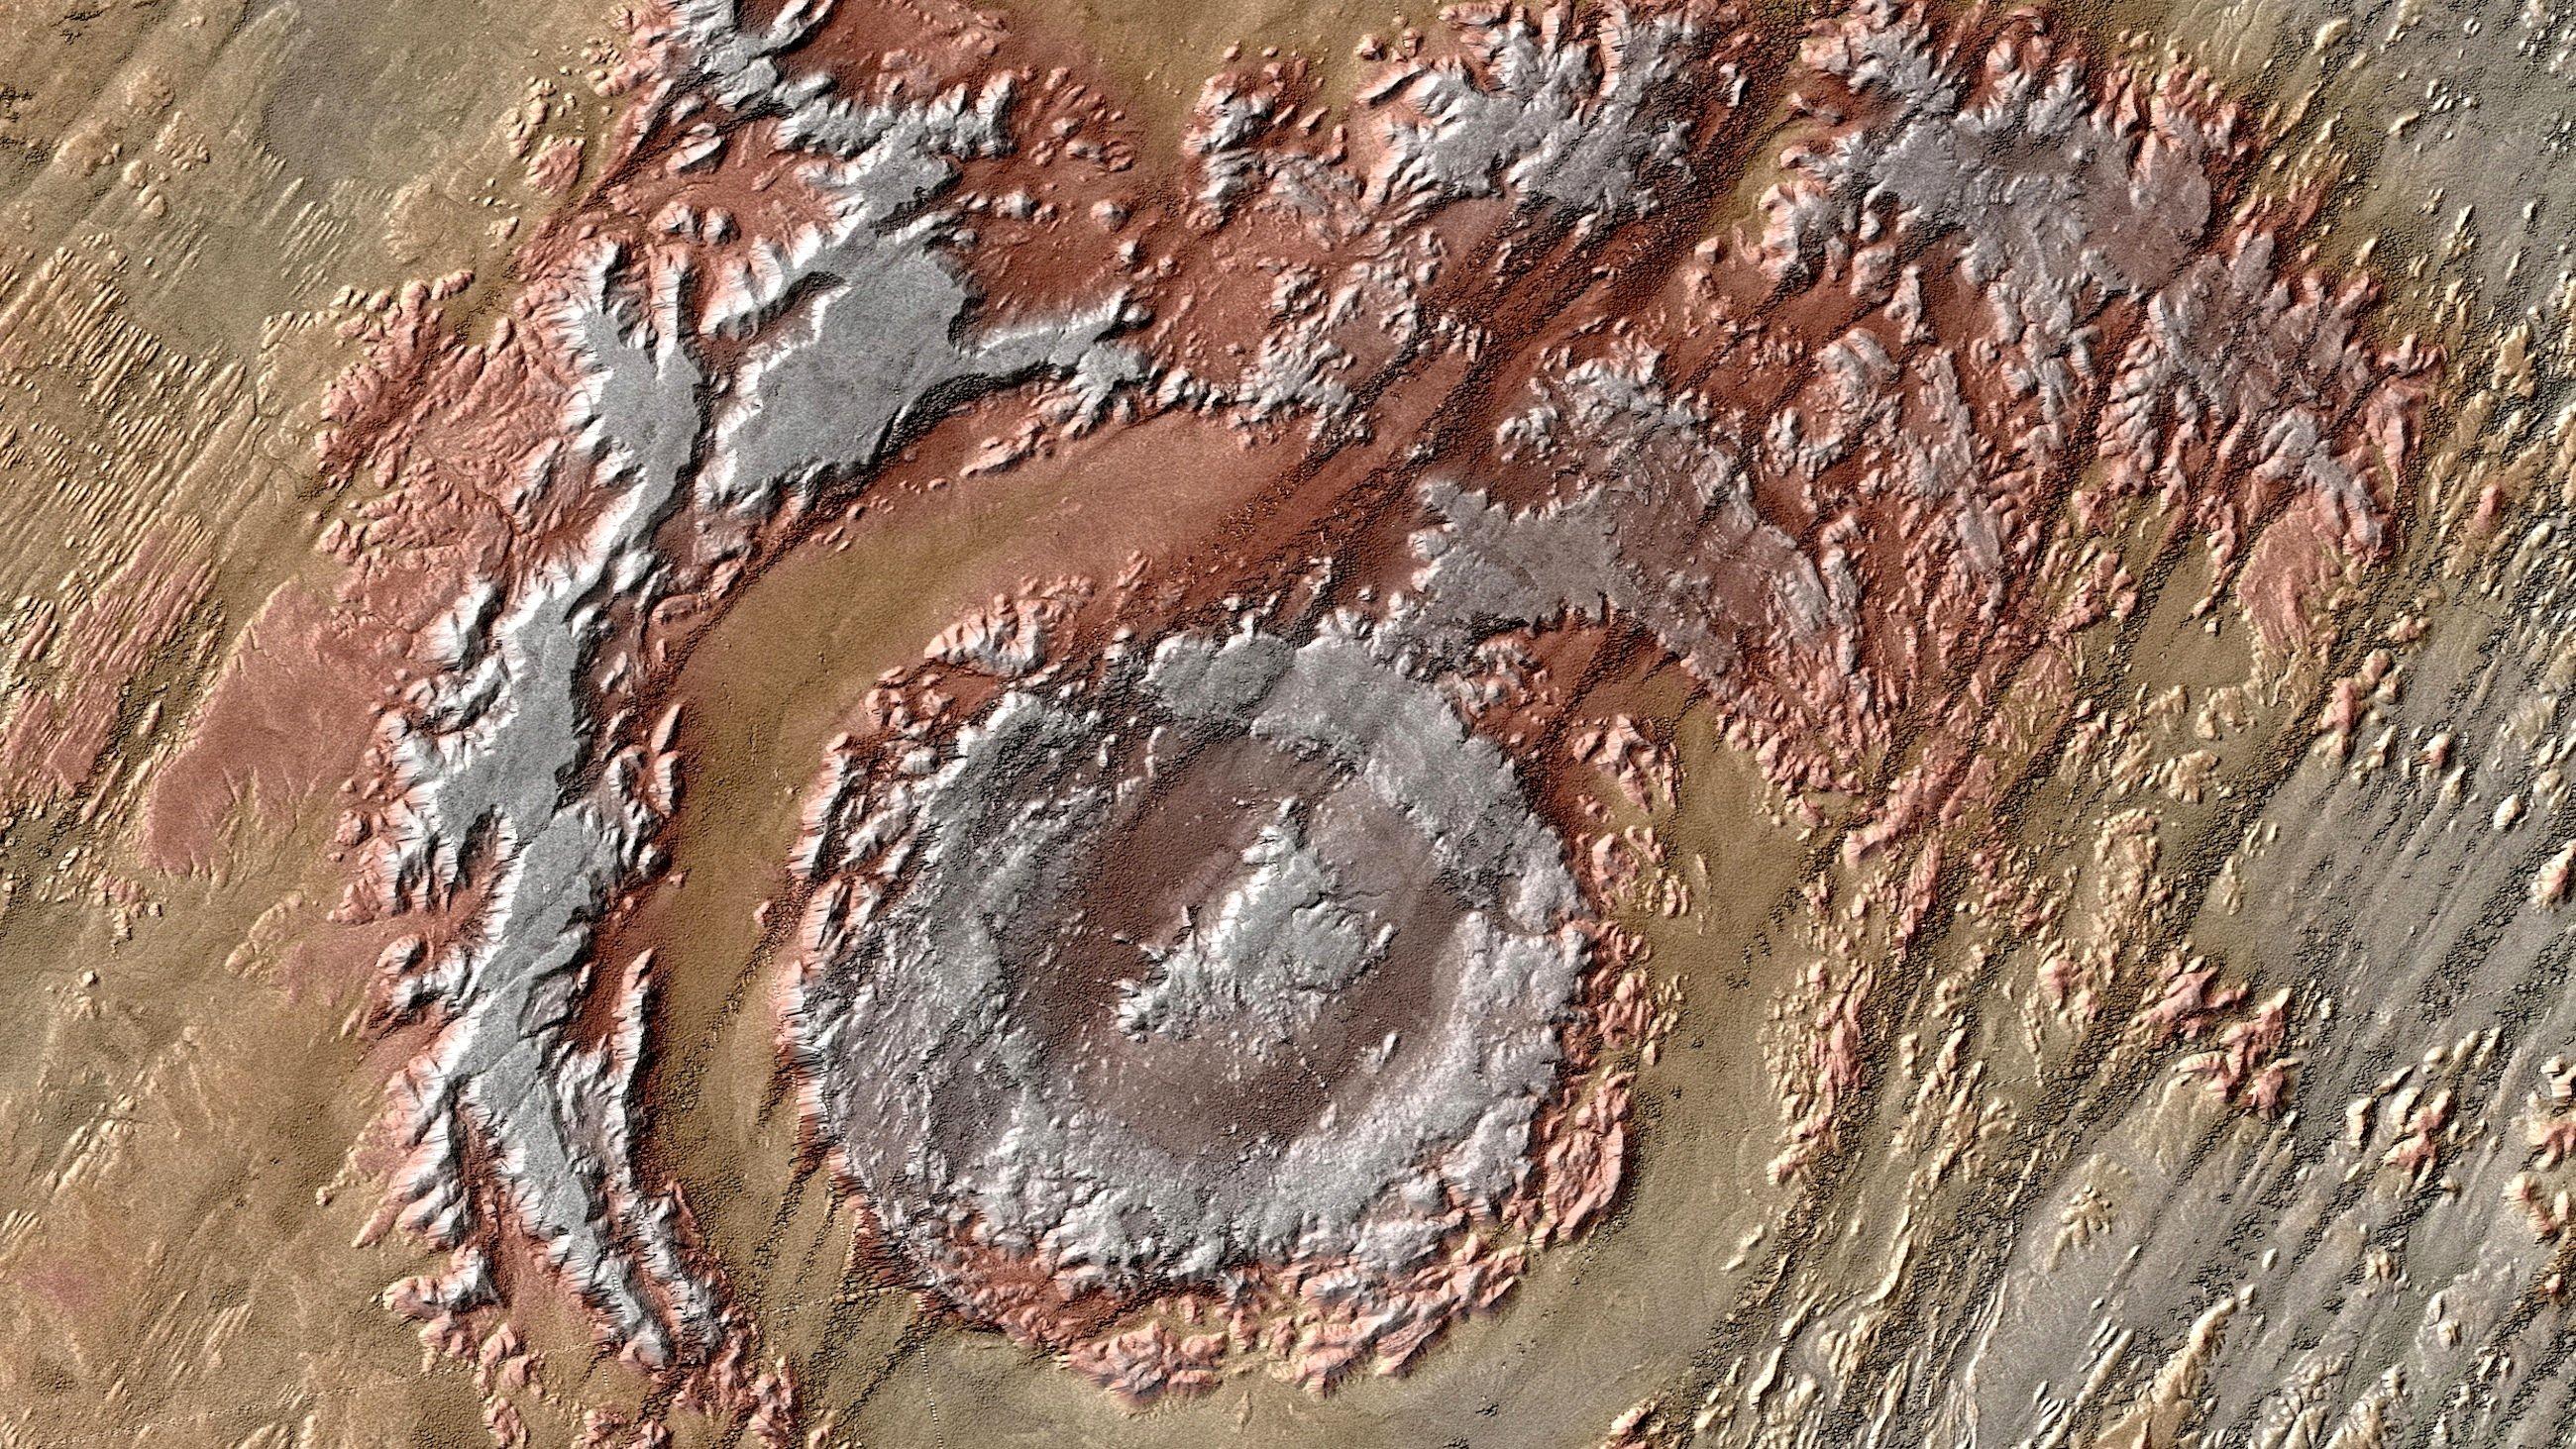 Diese Aufnahme zeigt die Aorounga-Struktur im nordafrikanischen Tschad. Sie dürfte bereits 345 Millionen Jahre alt sein und ist dementsprechend sehr stark verwittert. Gerade aus dem All sind sowohl der äußere als auch der innere Ring zu erkennen. Der kräftige Wind hat dabei wie ein Baumeister parallele Strukturen hinzugefügt. Sie bestehen aus windbeständigen Felsrücken, den sogenanten Yardangs, zwischen denen Sanddünen vom Wind getrieben hindurchwandern.